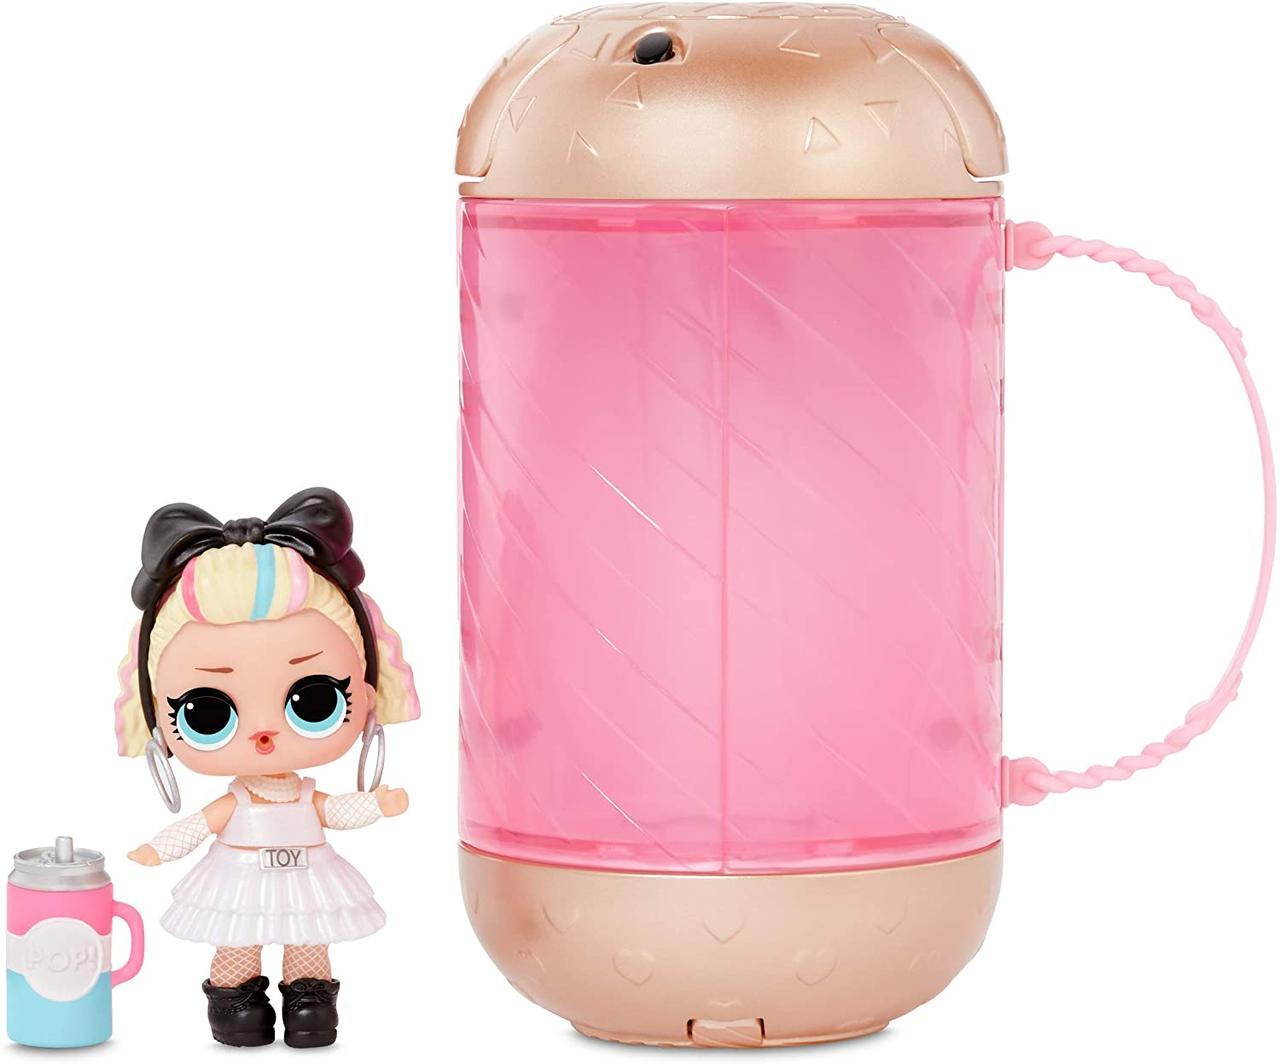 Кукла L.O.L. Surprise Confetti Under Wraps - фото 2